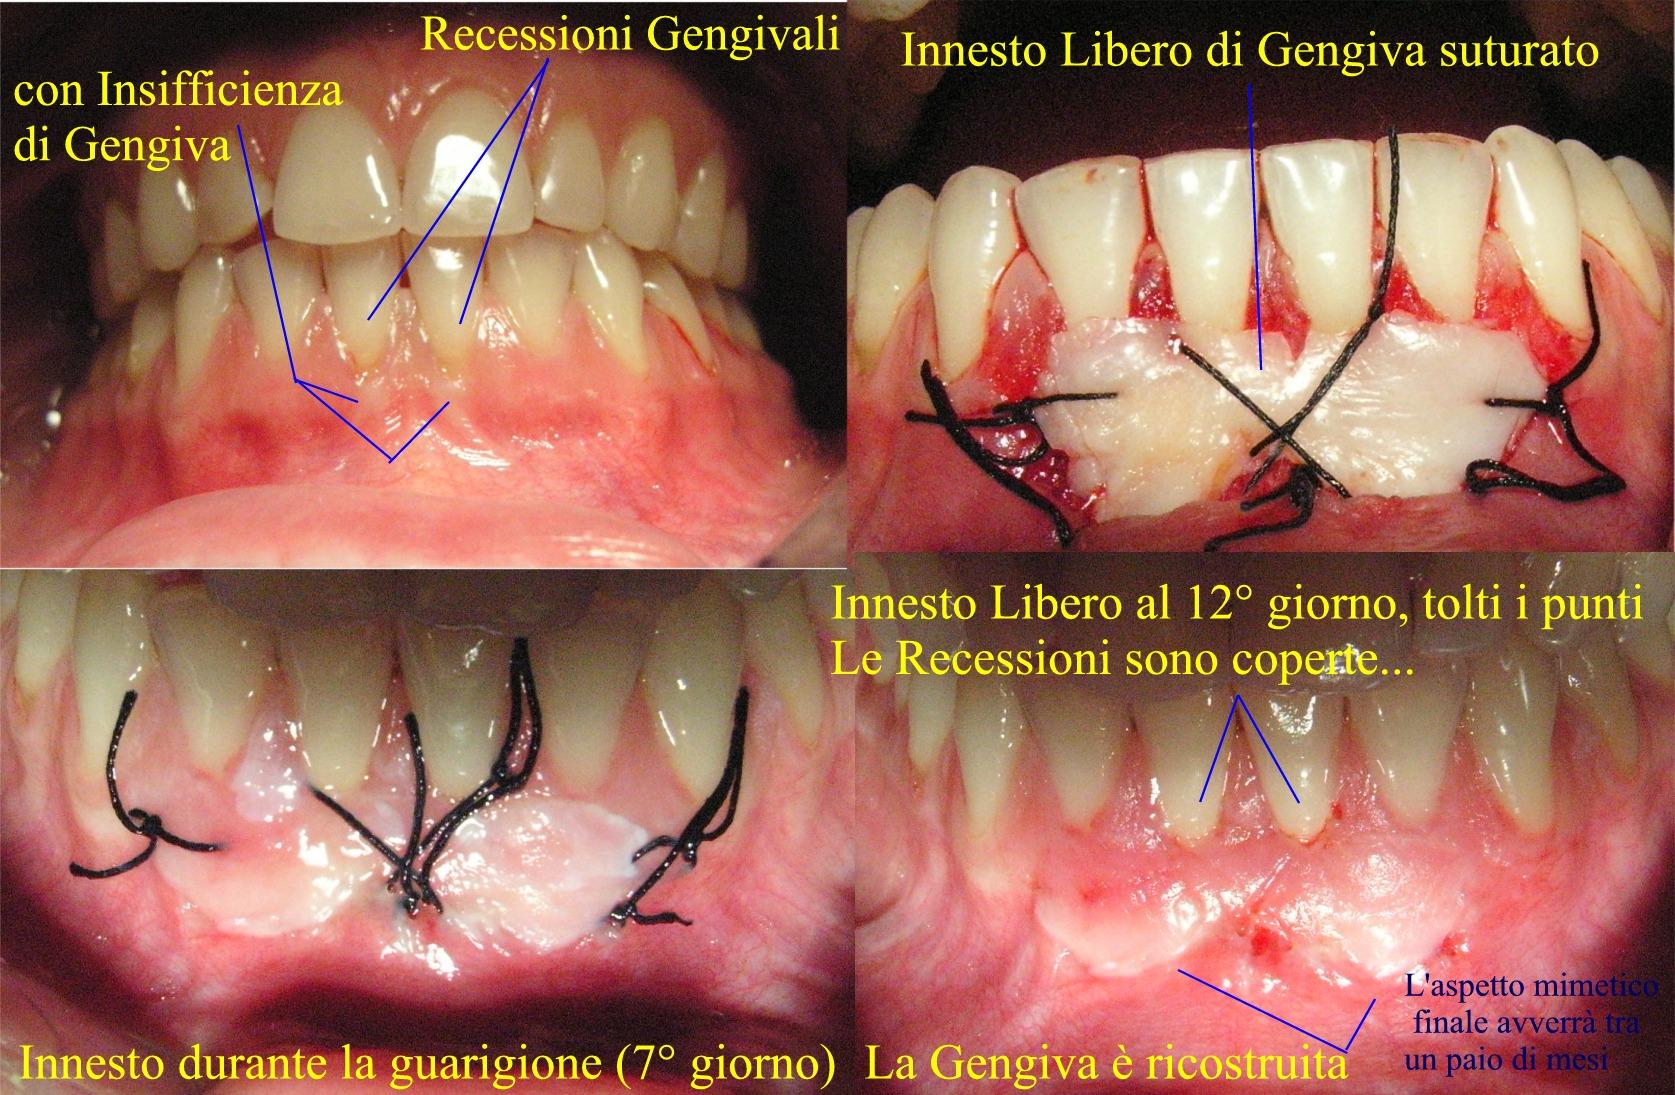 Innesto libero di Gengiva e frenulectomia inferiore. Da casistica del Dr. Gustavo Petti Parodontologo di Cagliari